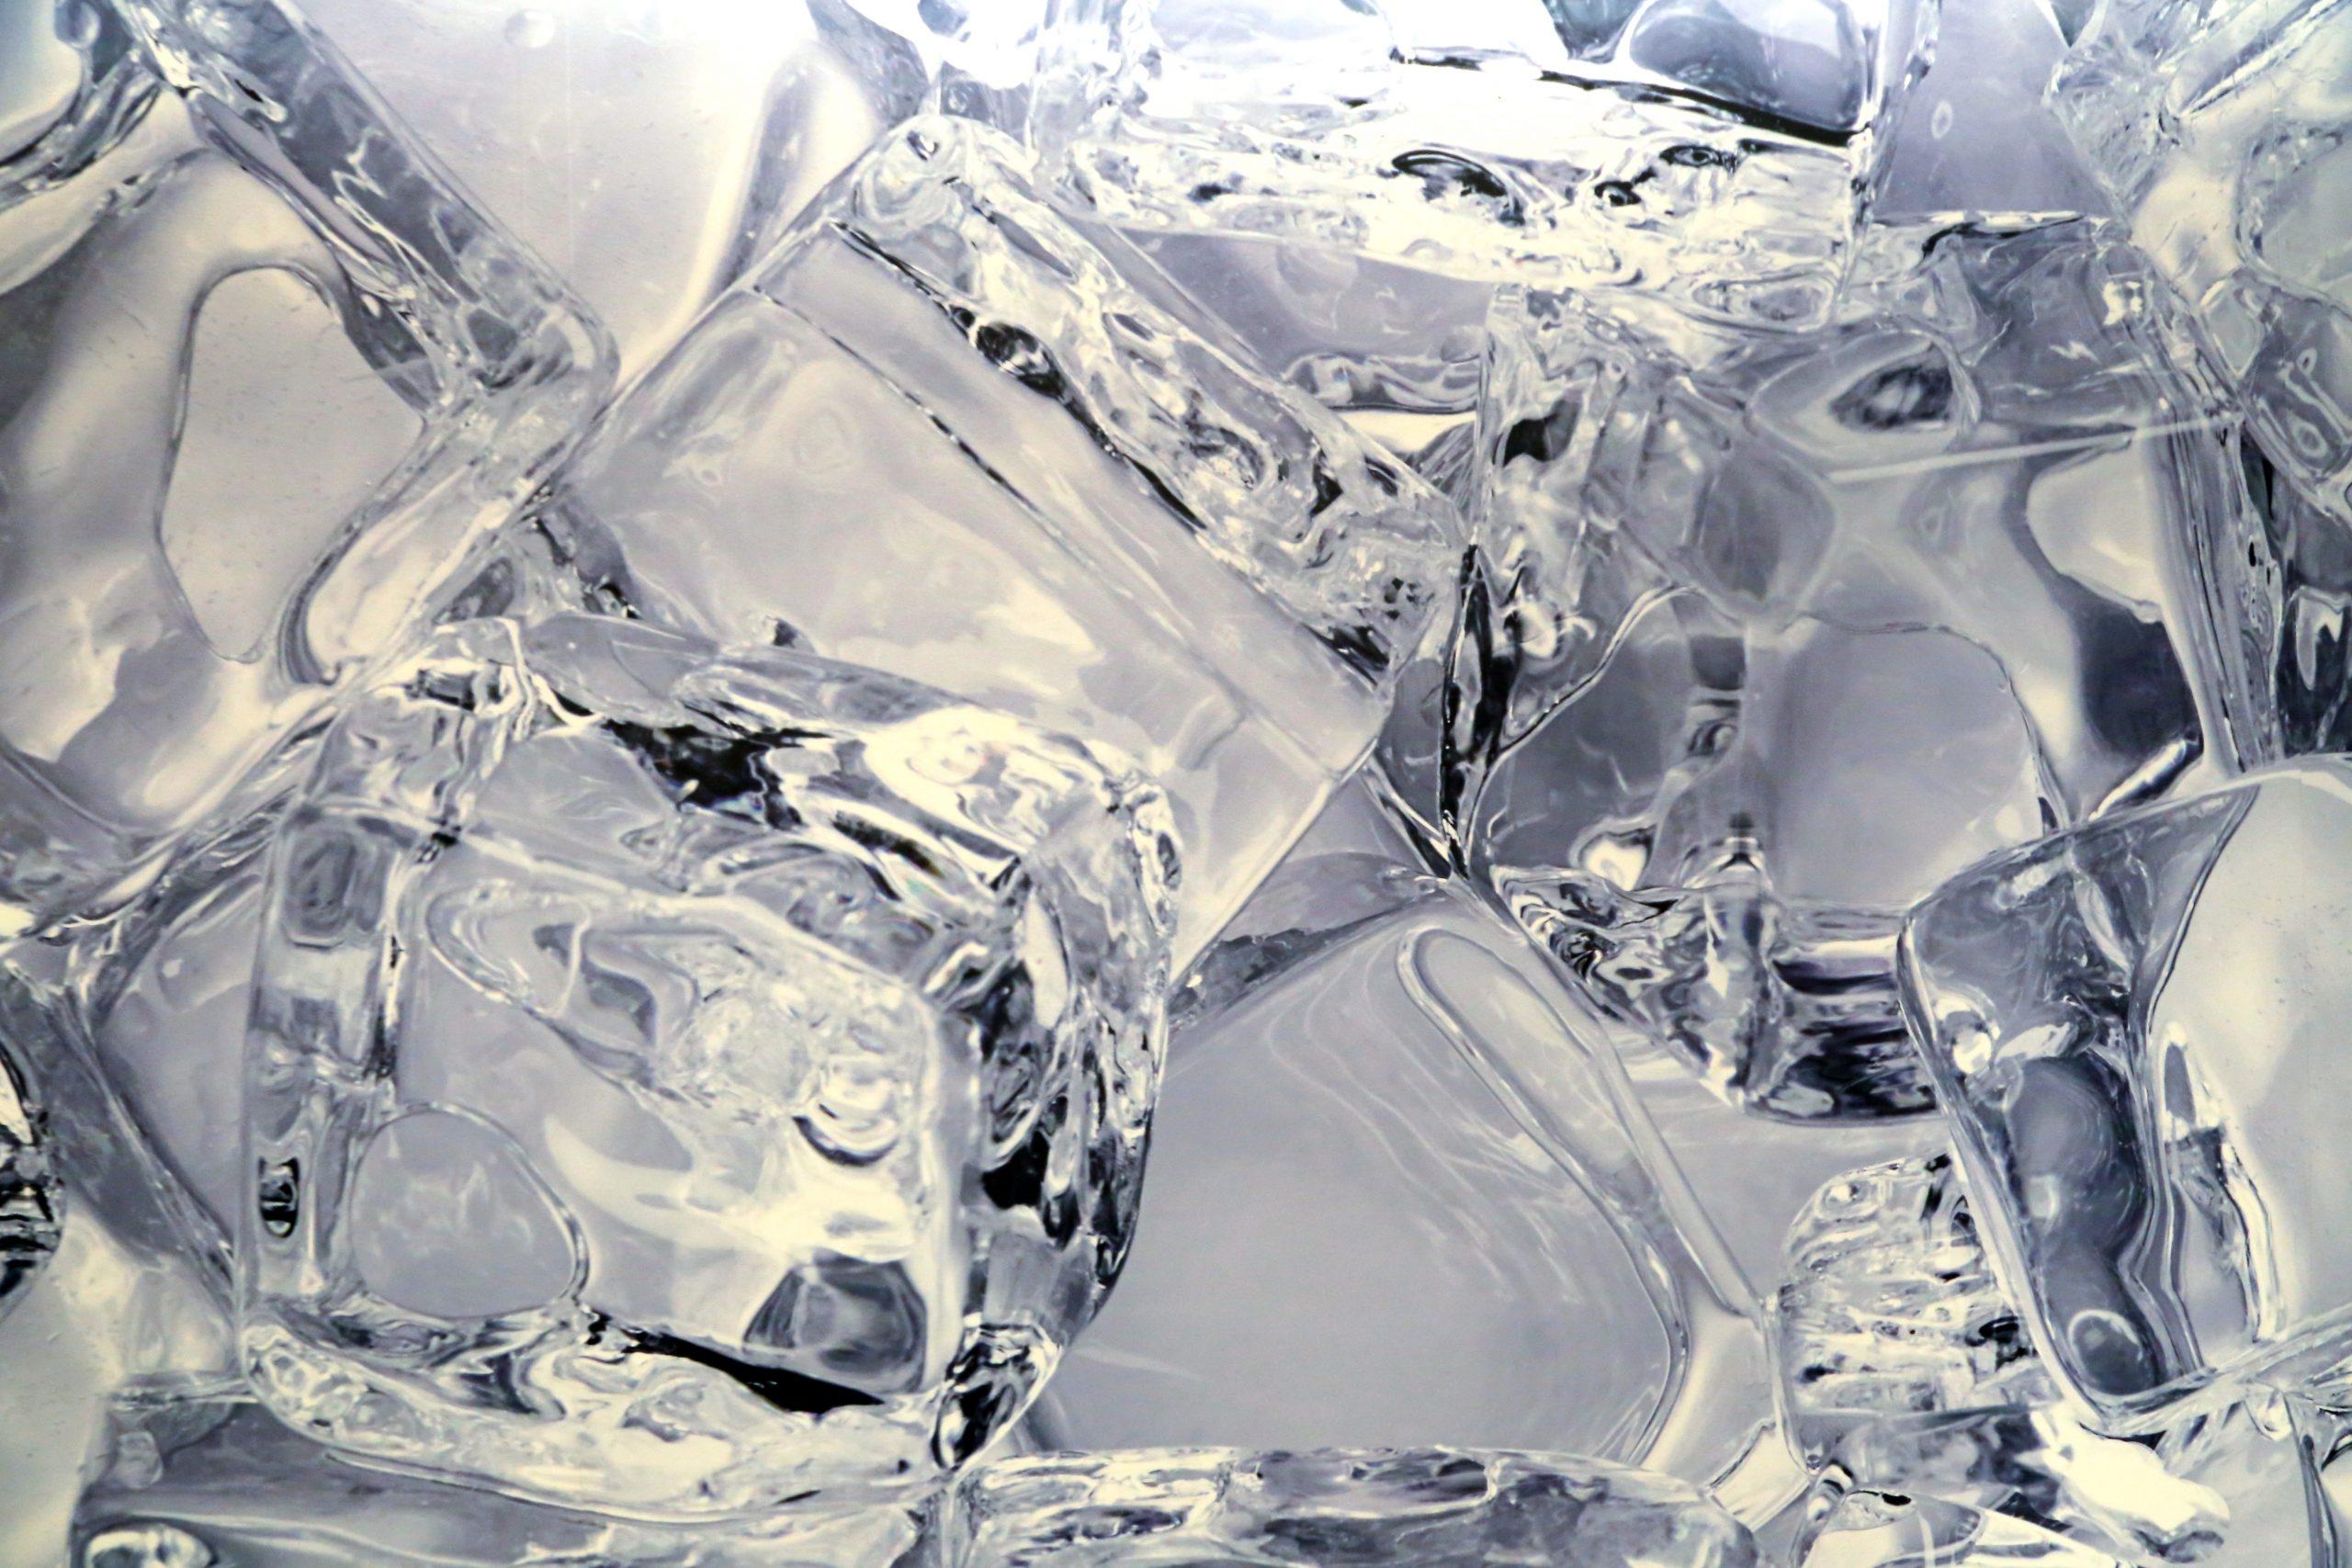 La glace aide à vous rafraîchir pendant la nuit